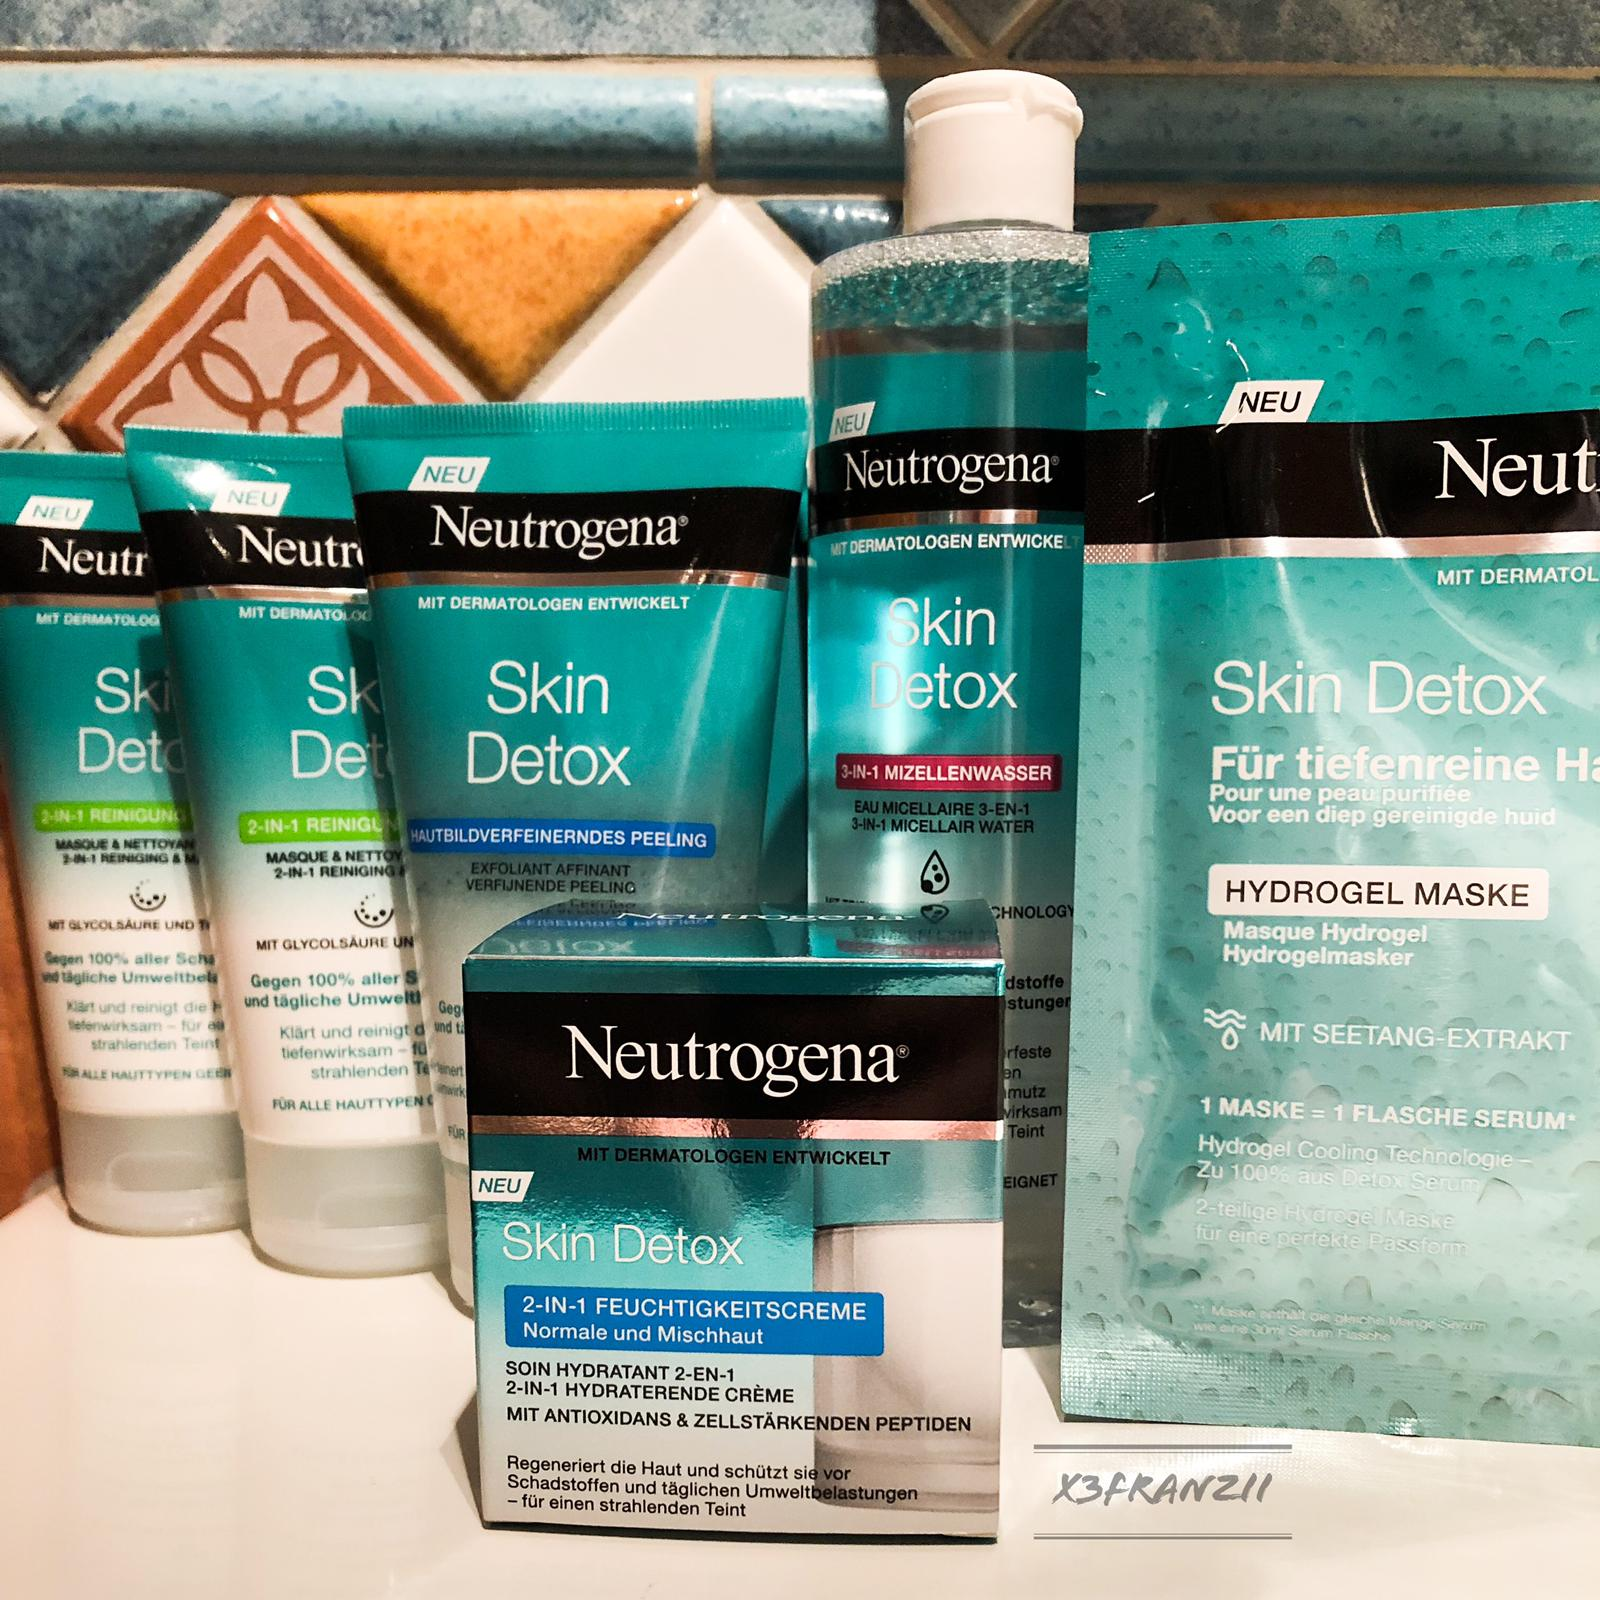 Testpaket von brandsyoulove mit den neuen Skin Detox Produkten von Neutrogena